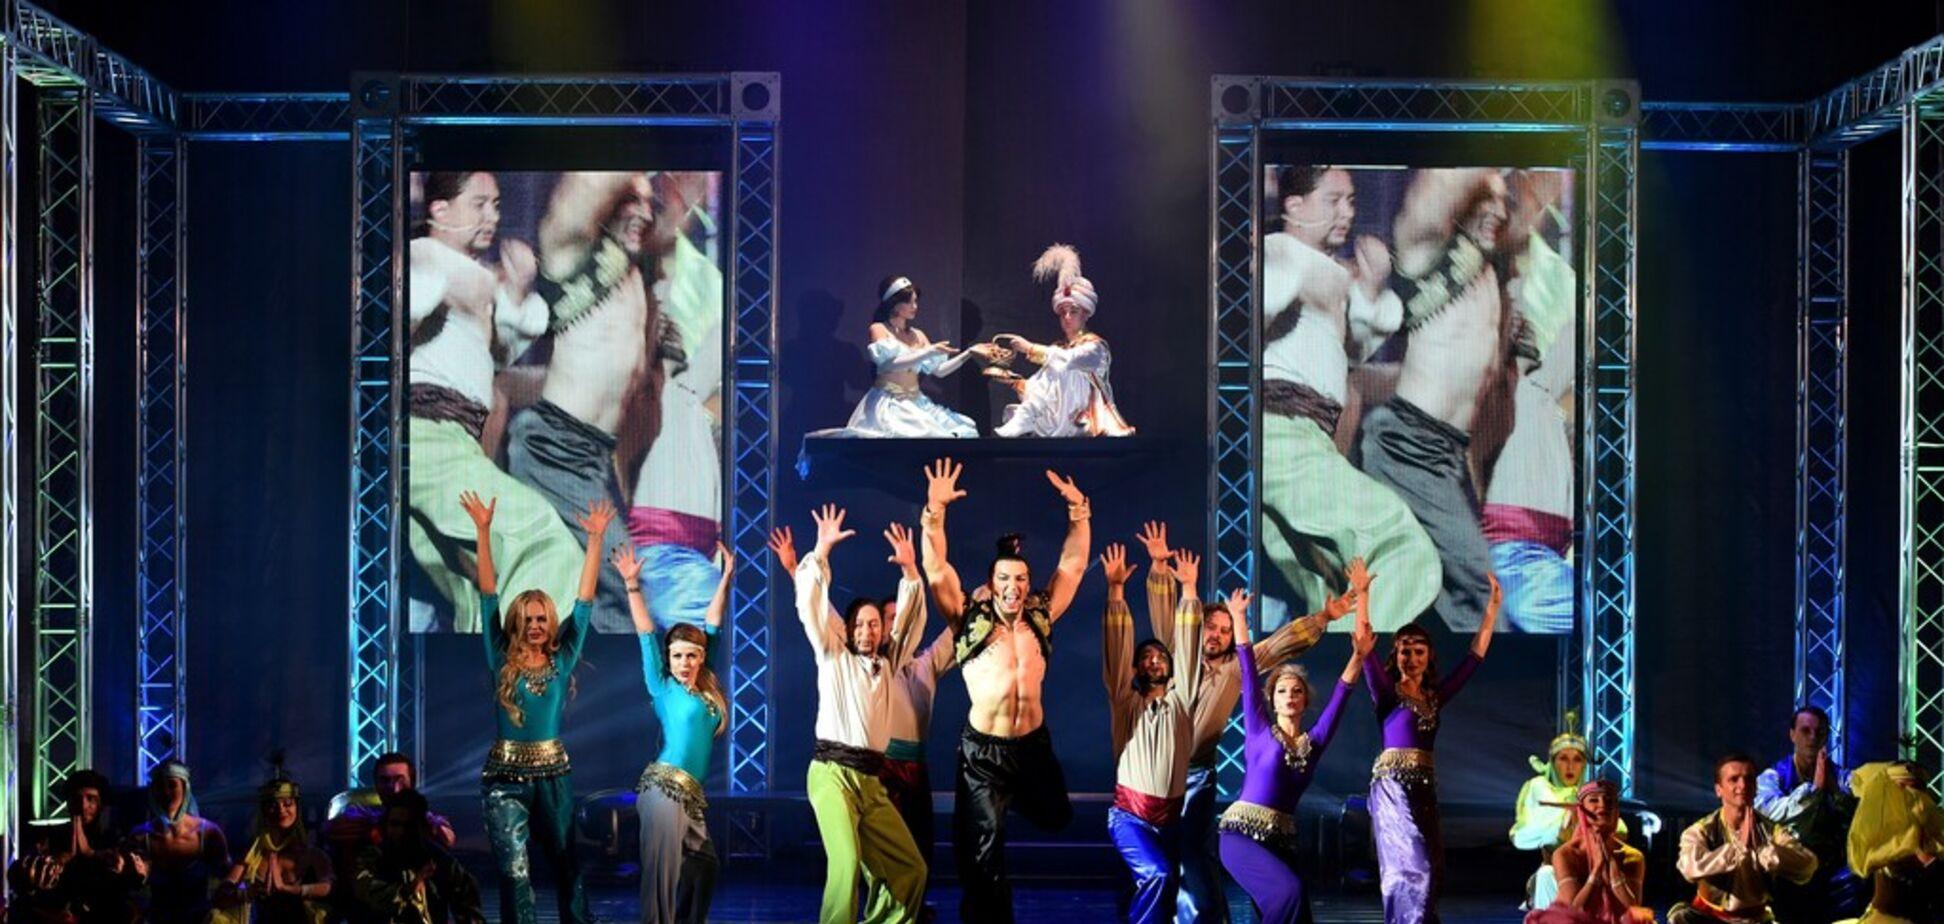 26 октября в МЦКИ 'Октябрьский дворец' состоится грандиозный Вечер мюзикла от Национальной оперетты Украины